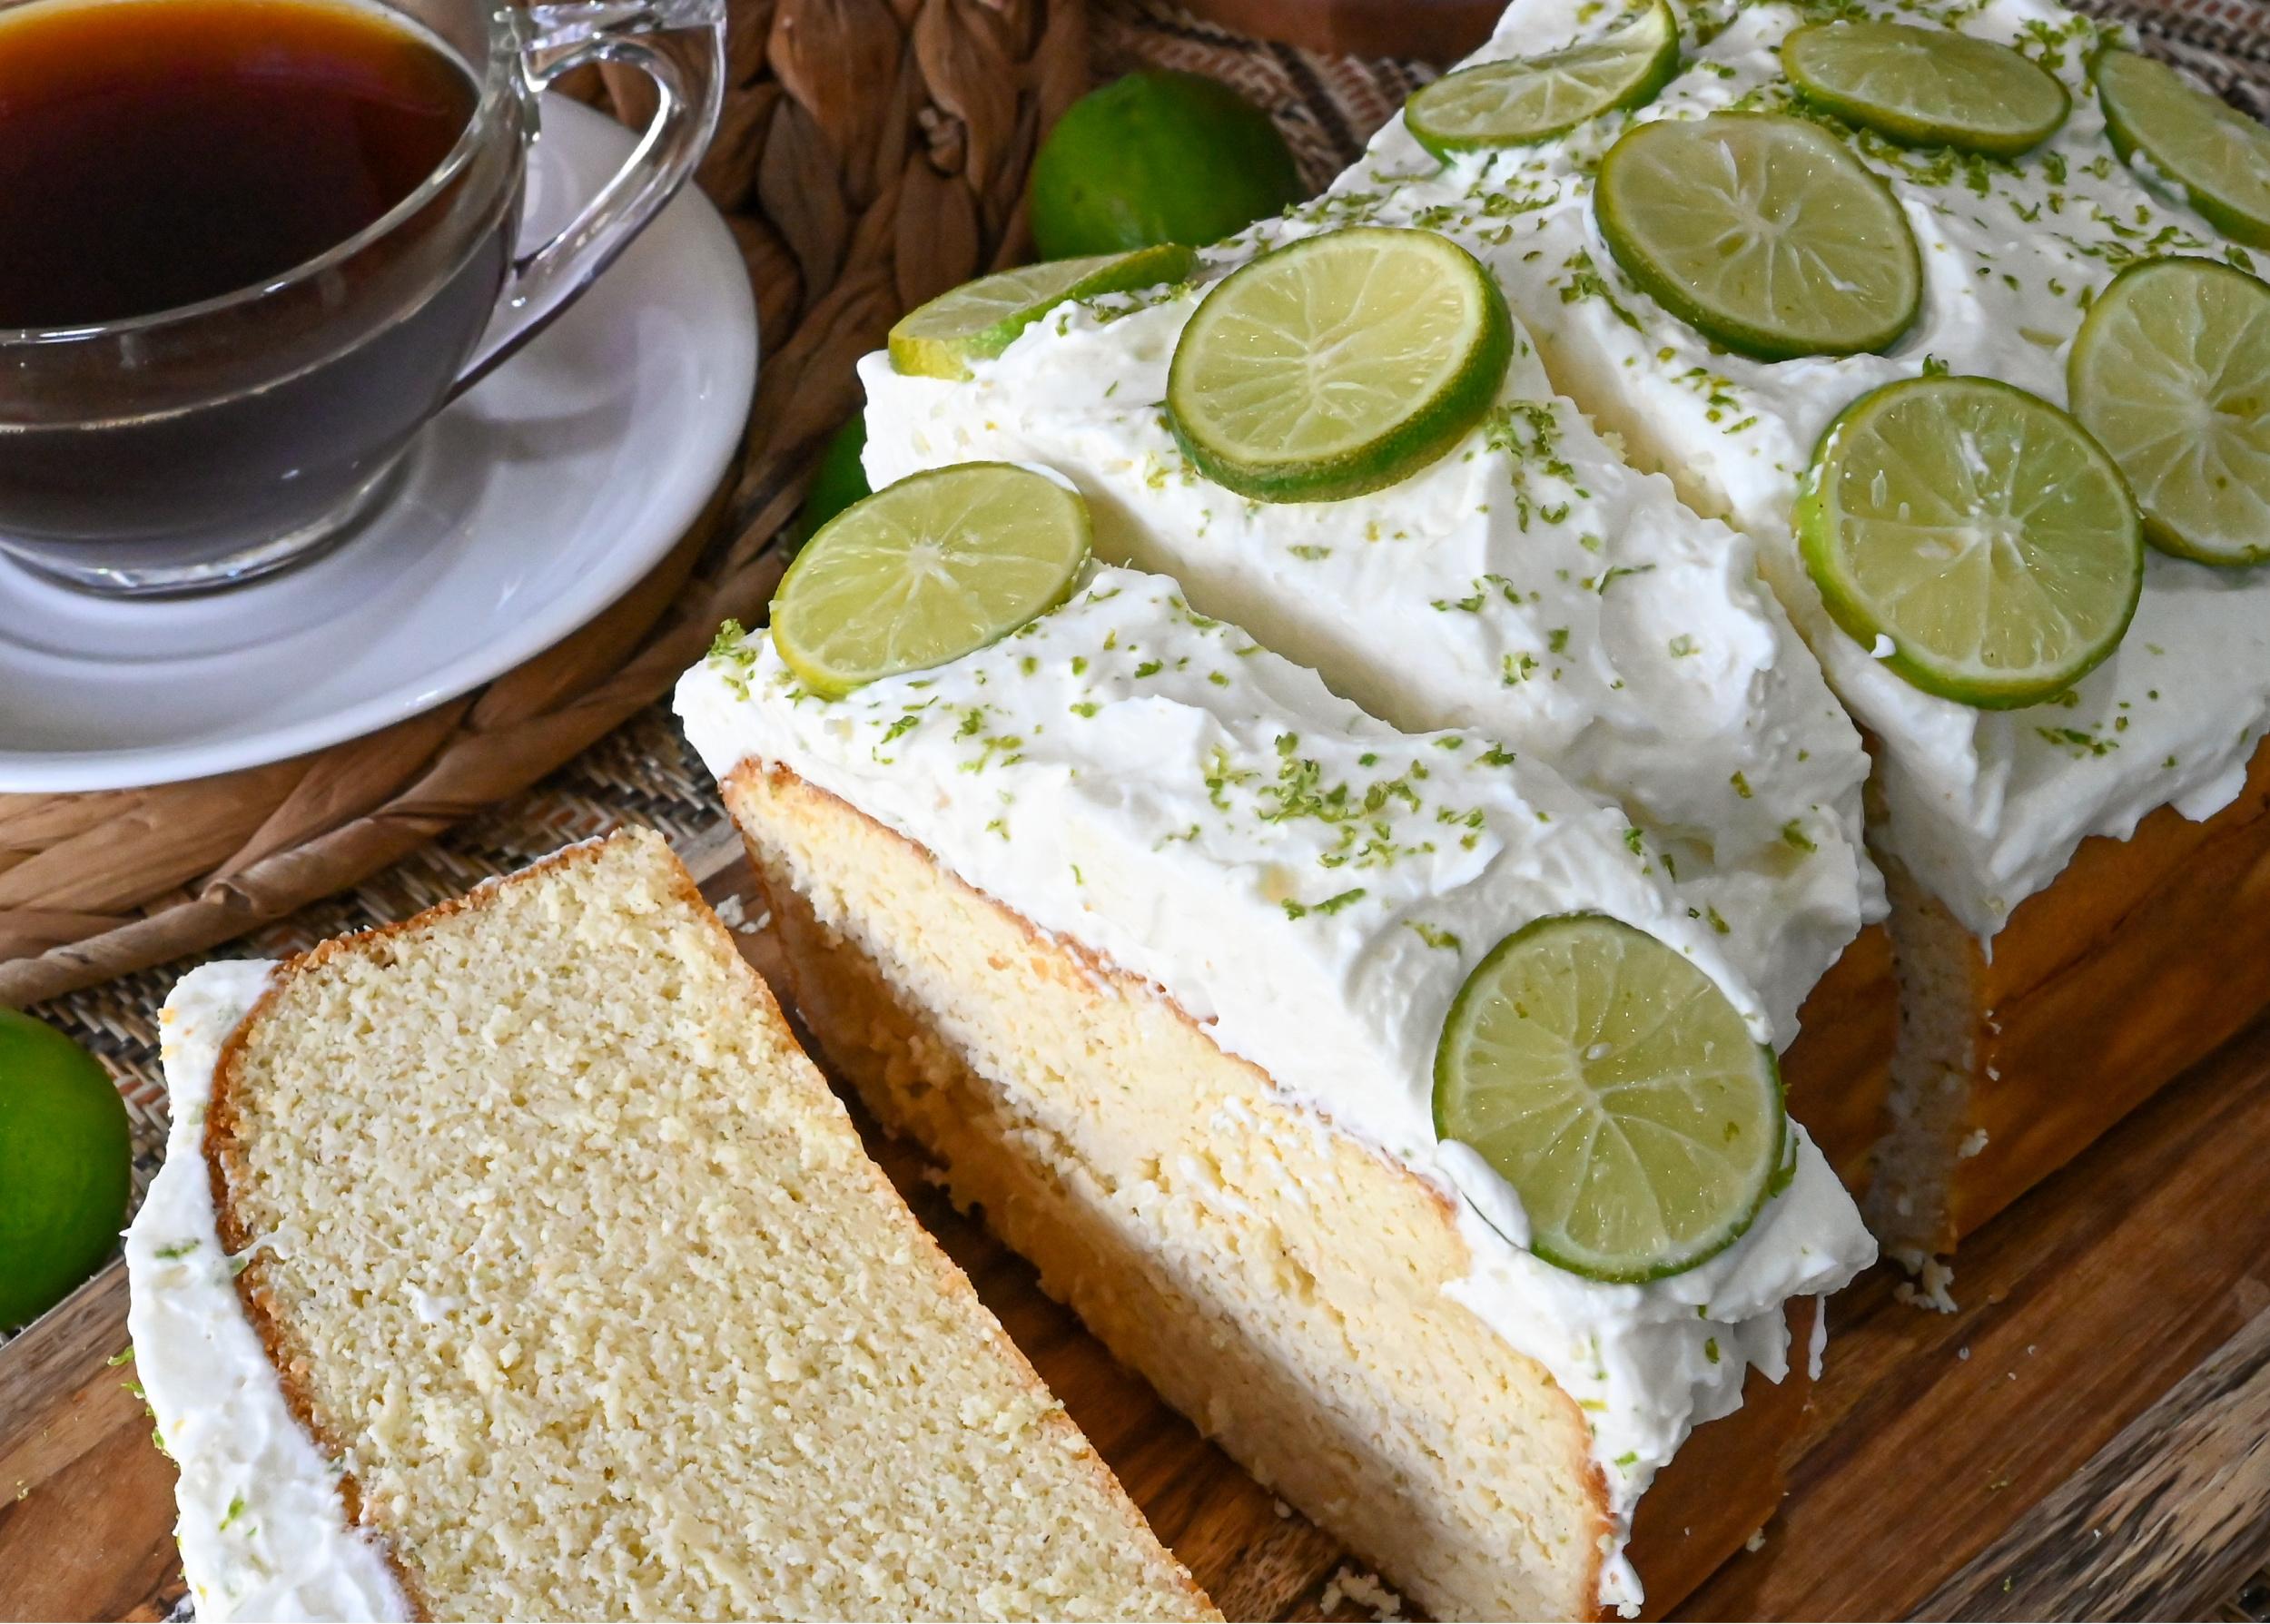 keto key lime pound cake sliced on a wood board